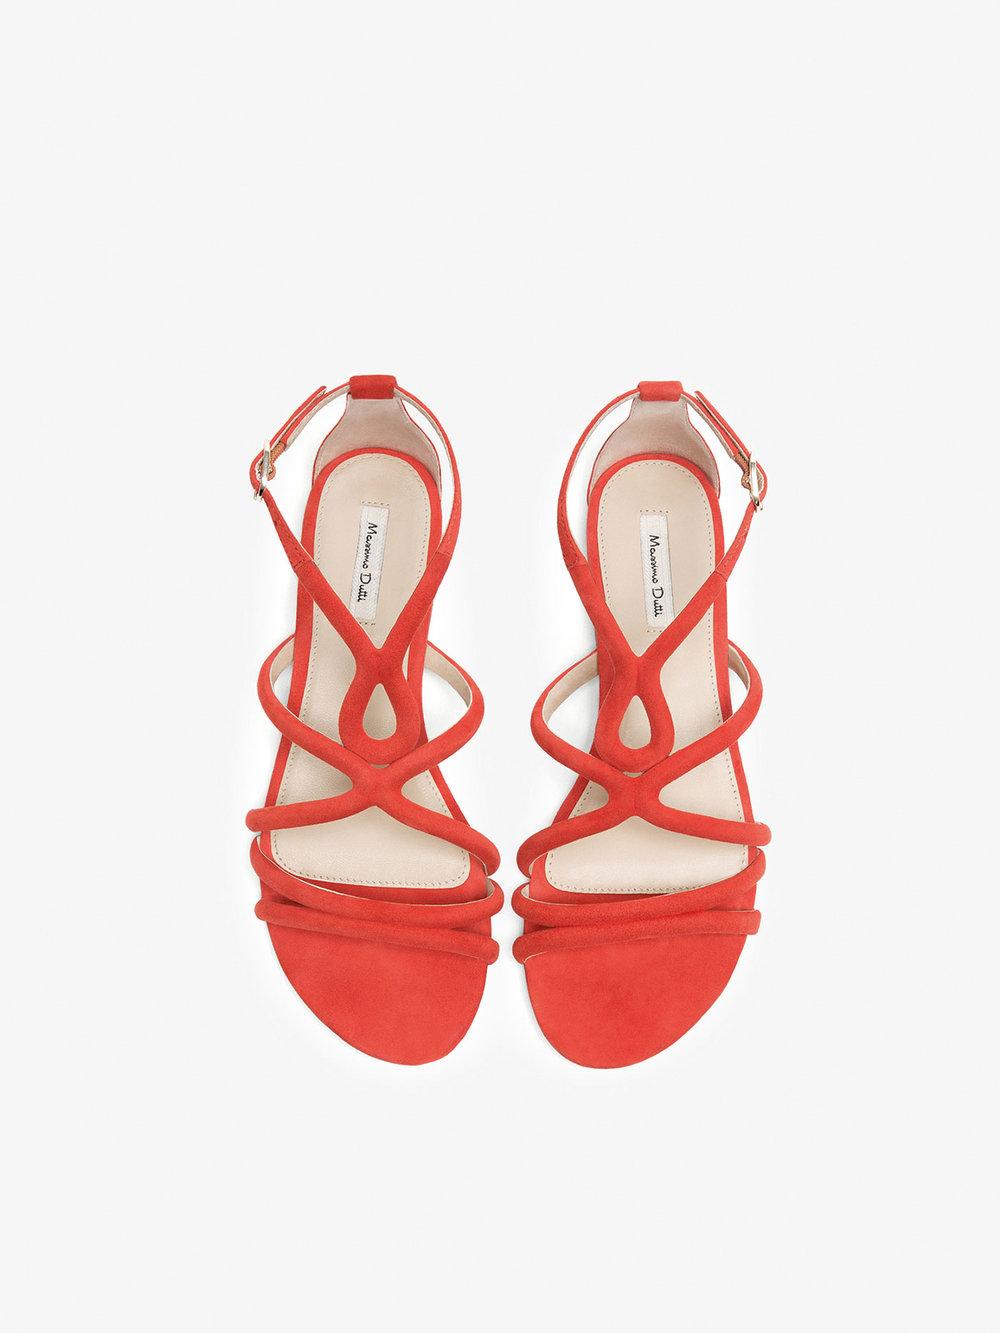 Sandálias em pele, Massimo Dutti